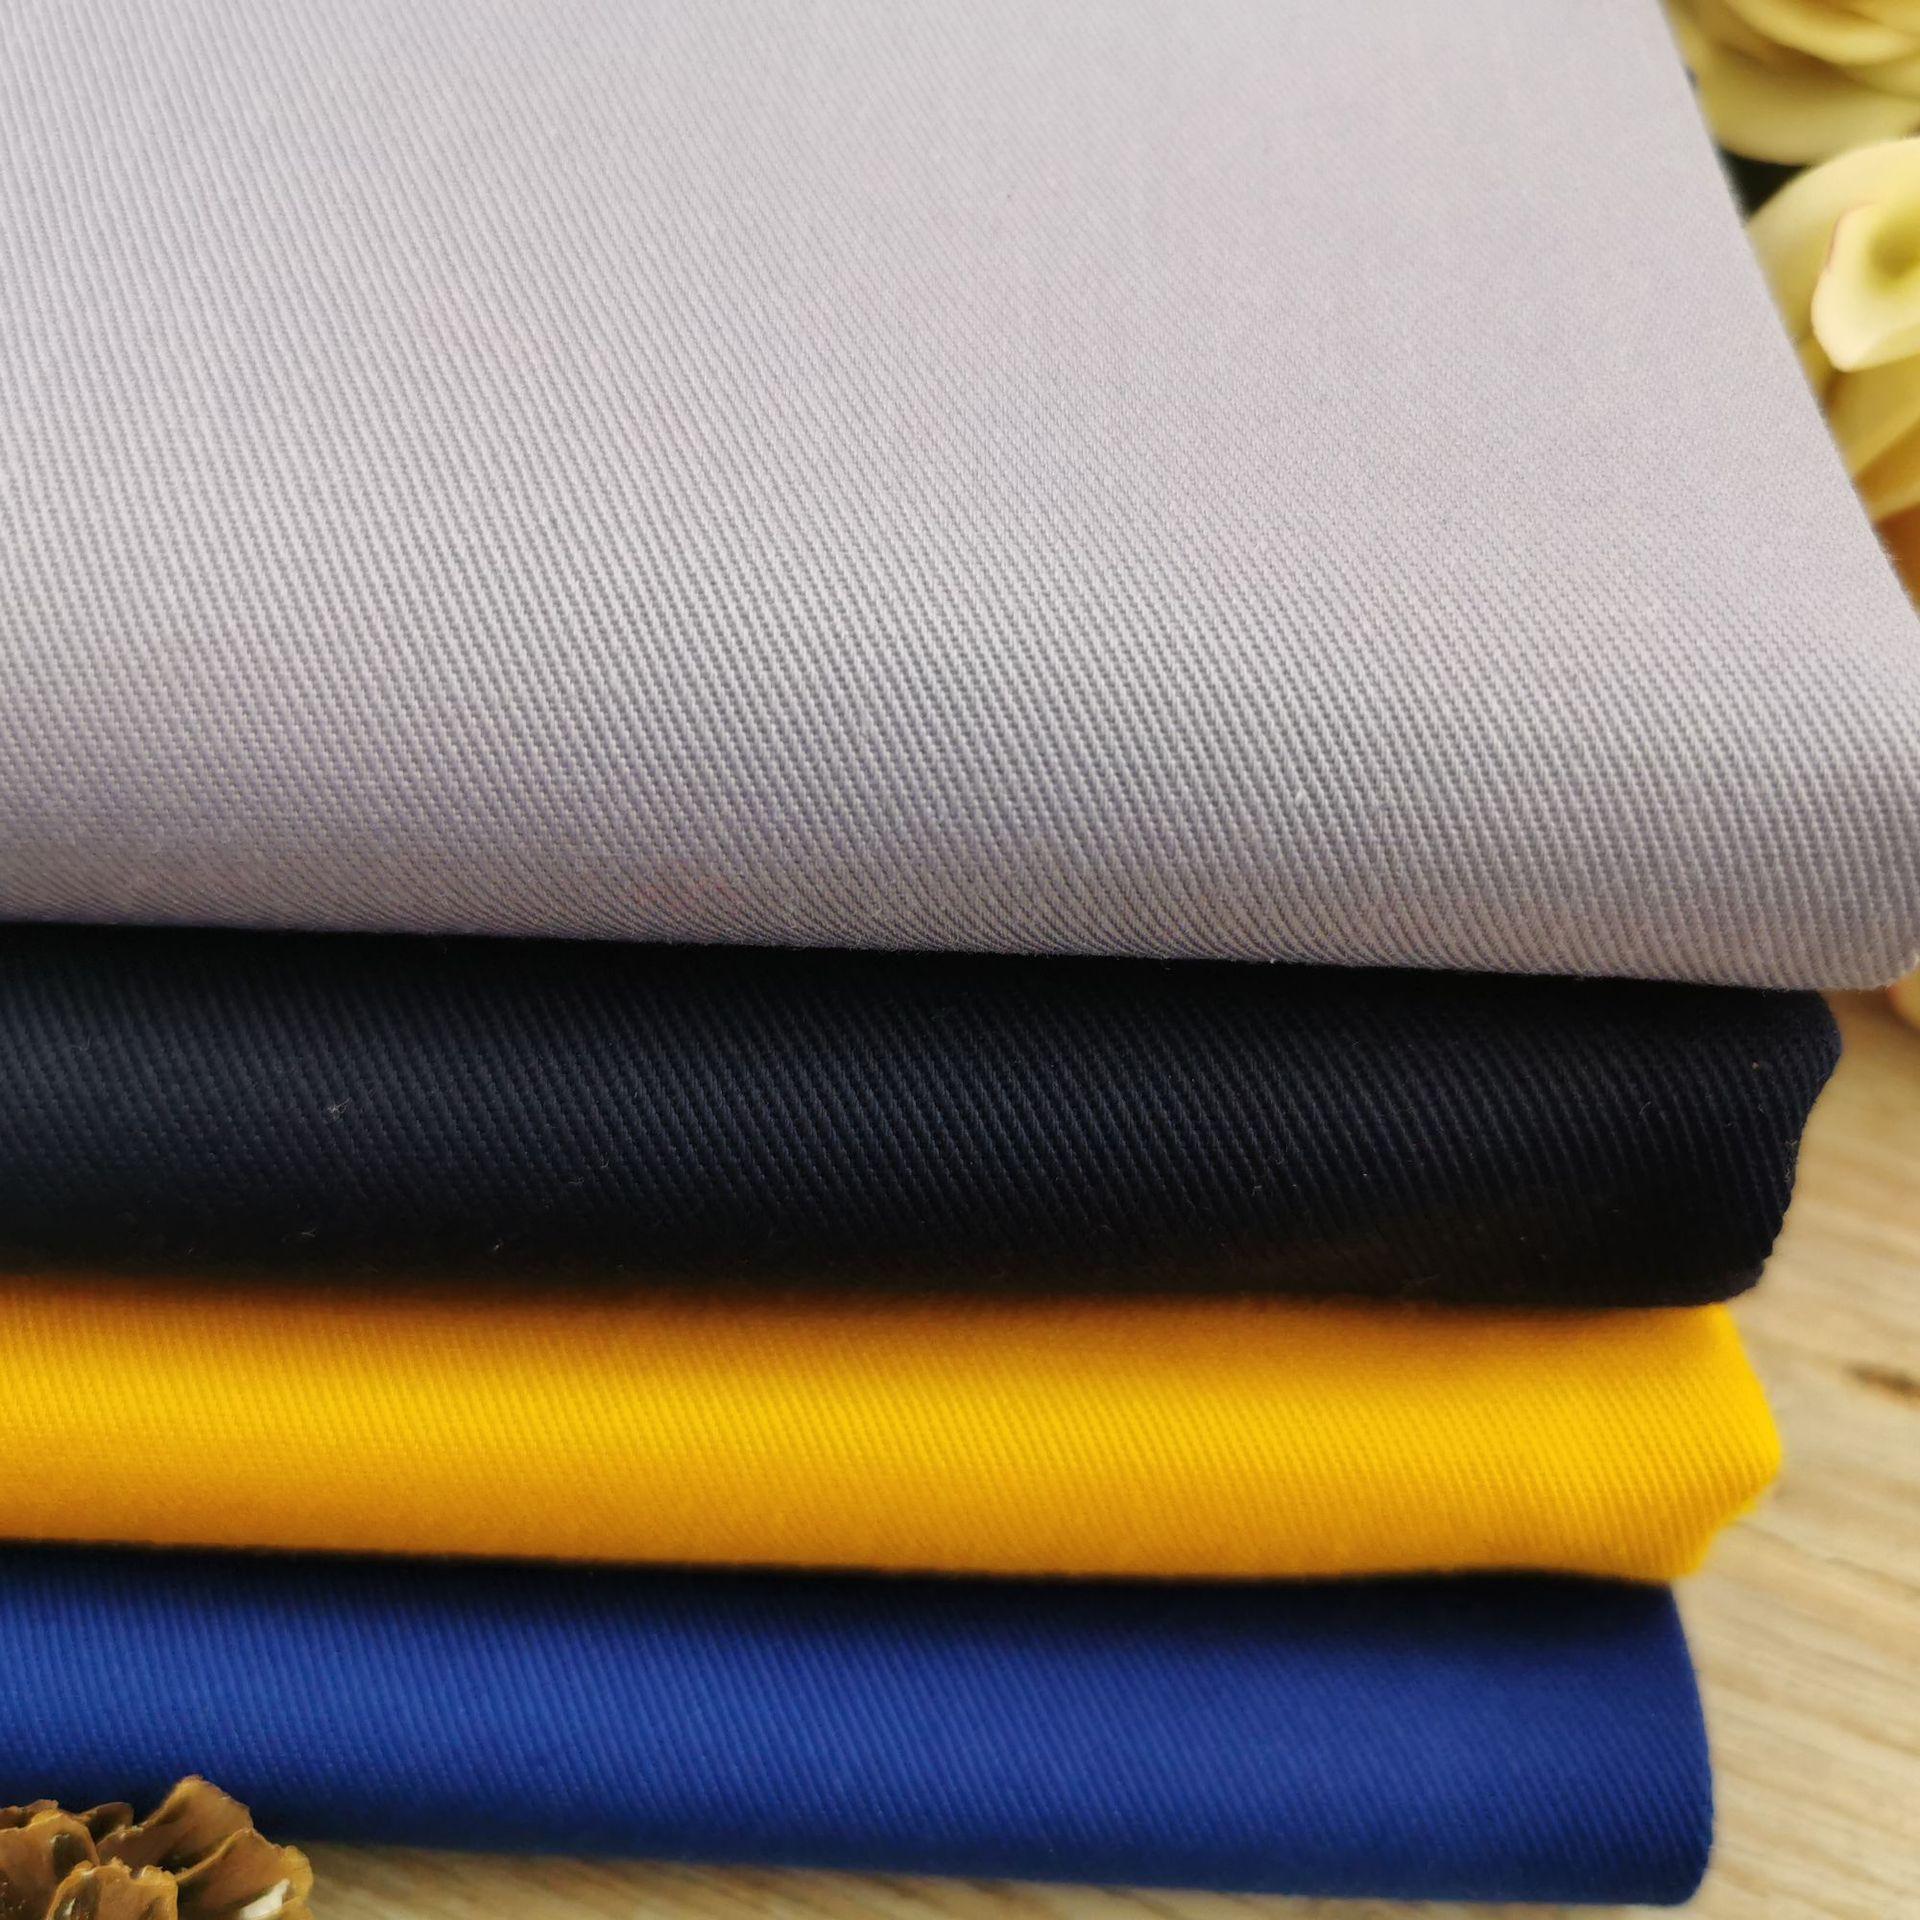 SHENGBIXIANG Vải cotton pha polyester Nhà máy bán hàng trực tiếp polyester / bông pha vải TC mall si